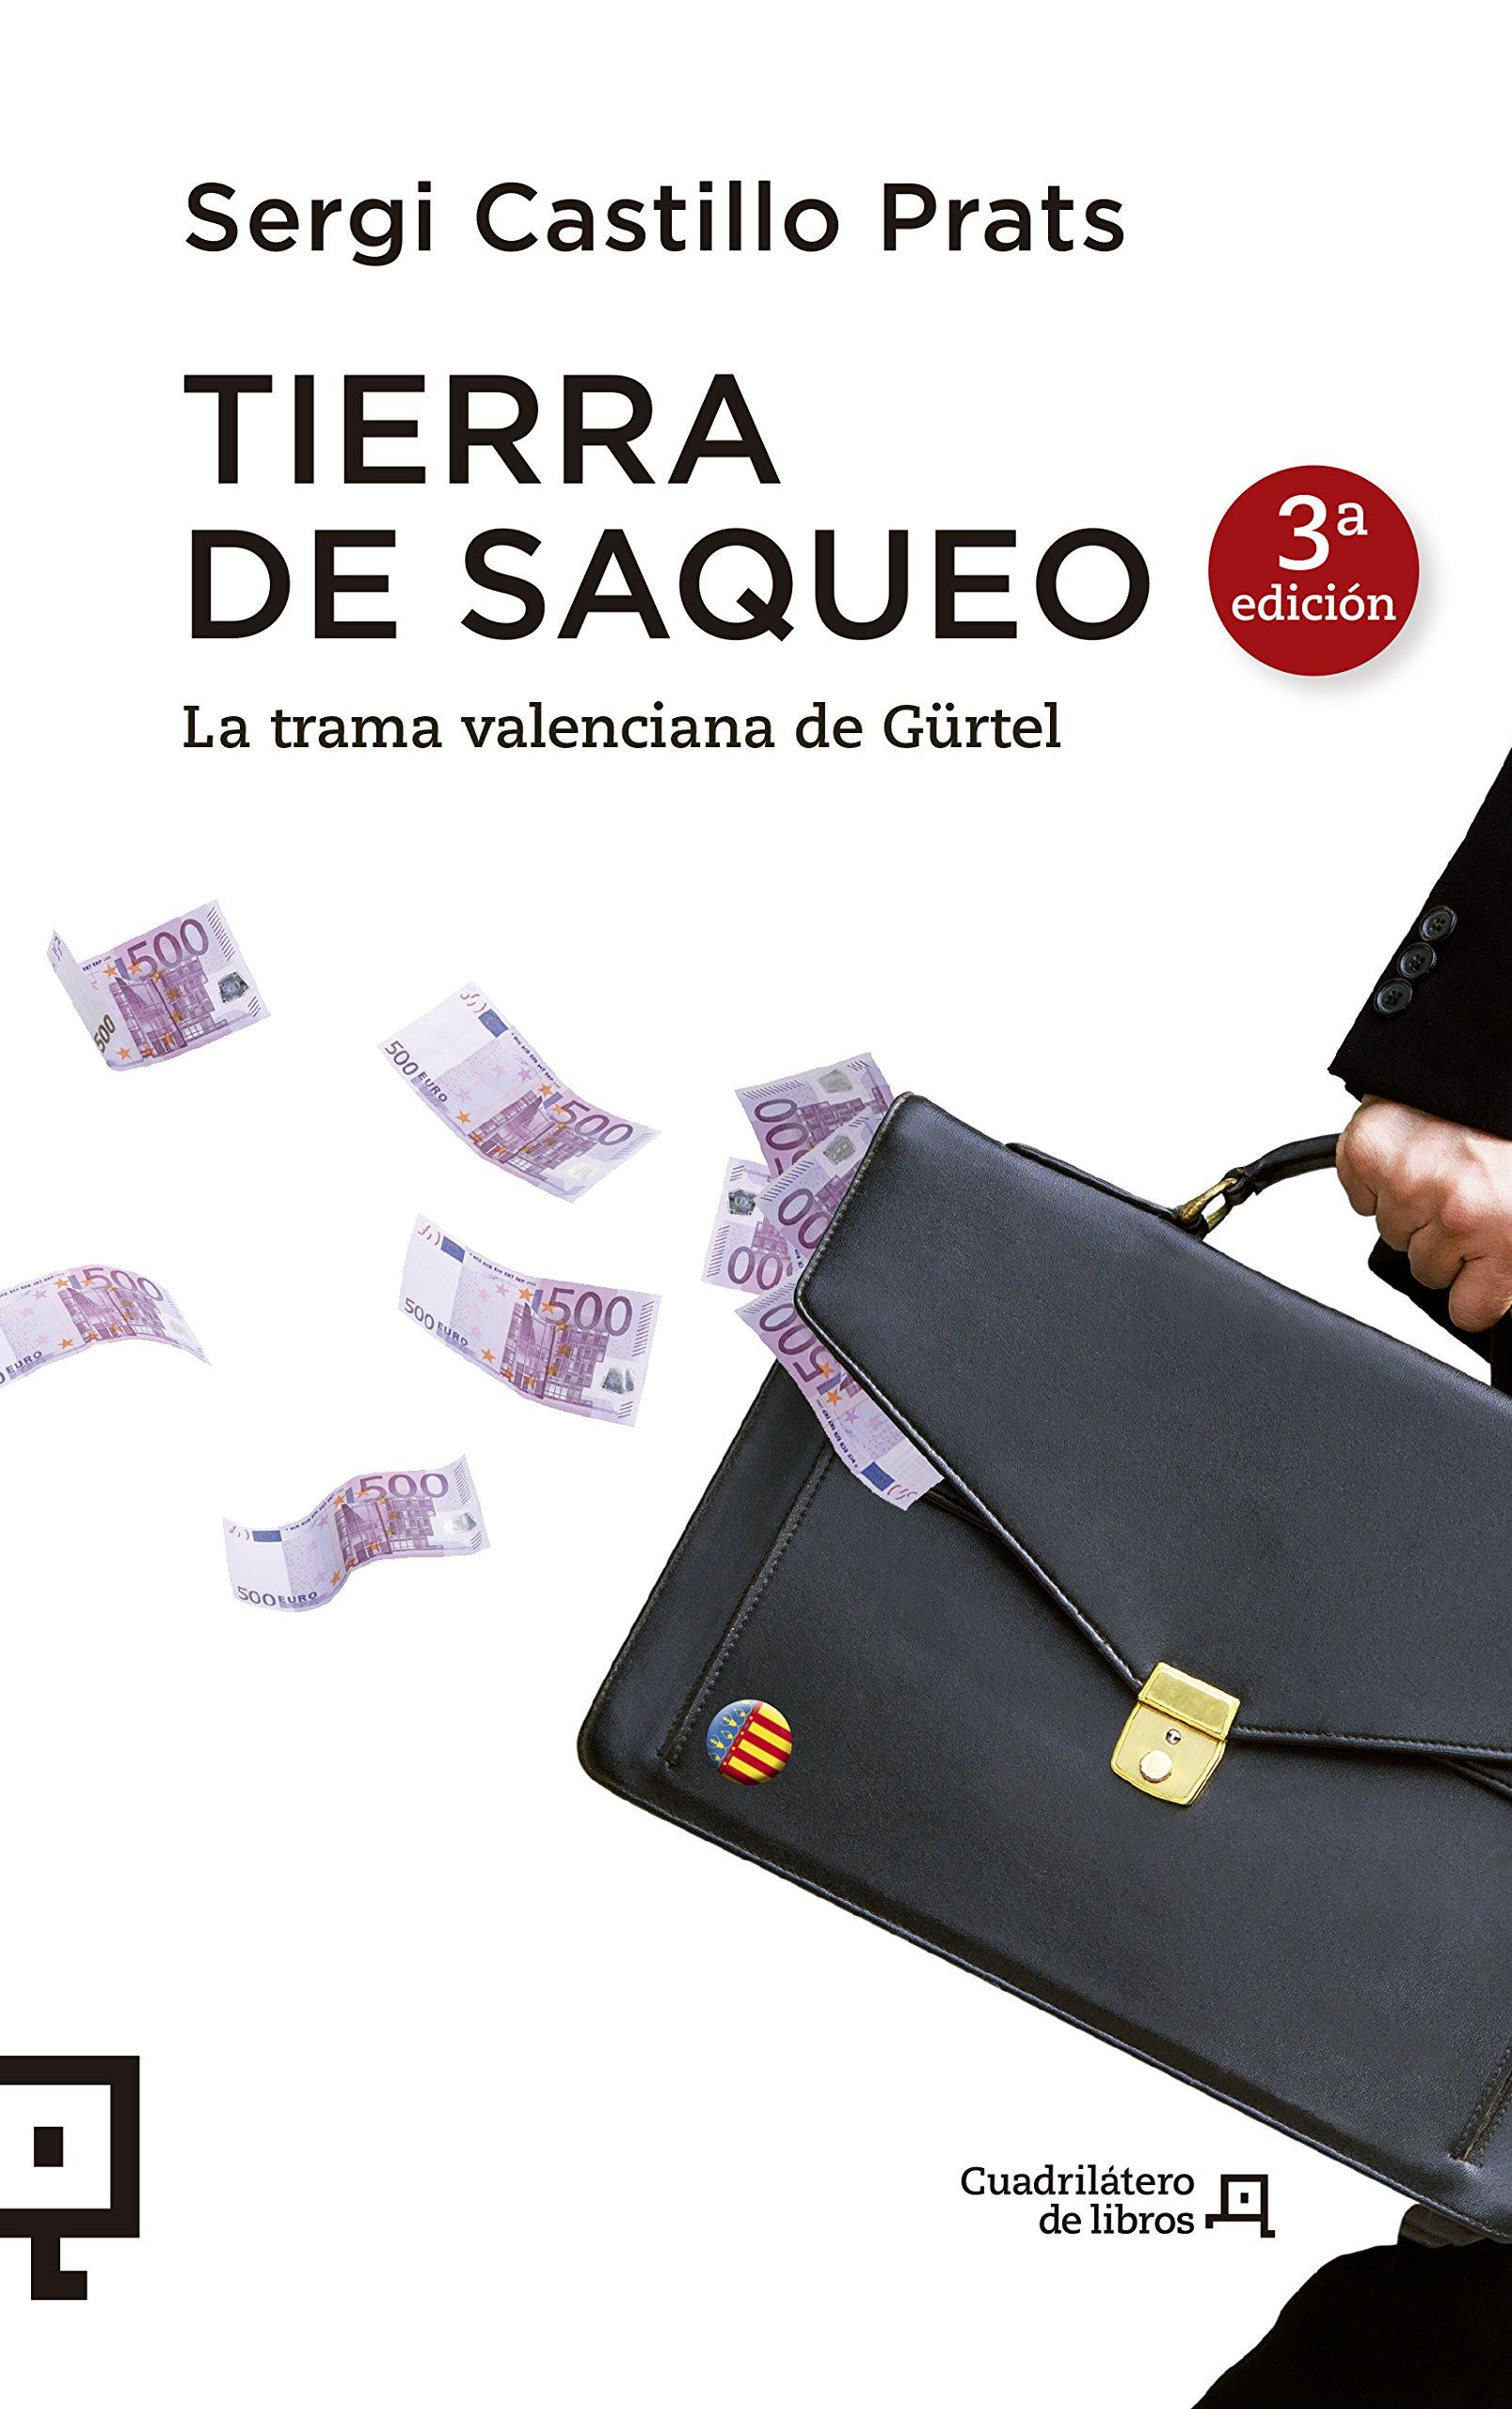 Tierra De Saqueo La Trama Valenciana De Gürtel Cuadrilátero De Libros Actualidad Spanish Edition Castillo Prats Sergi 9788415088950 Books